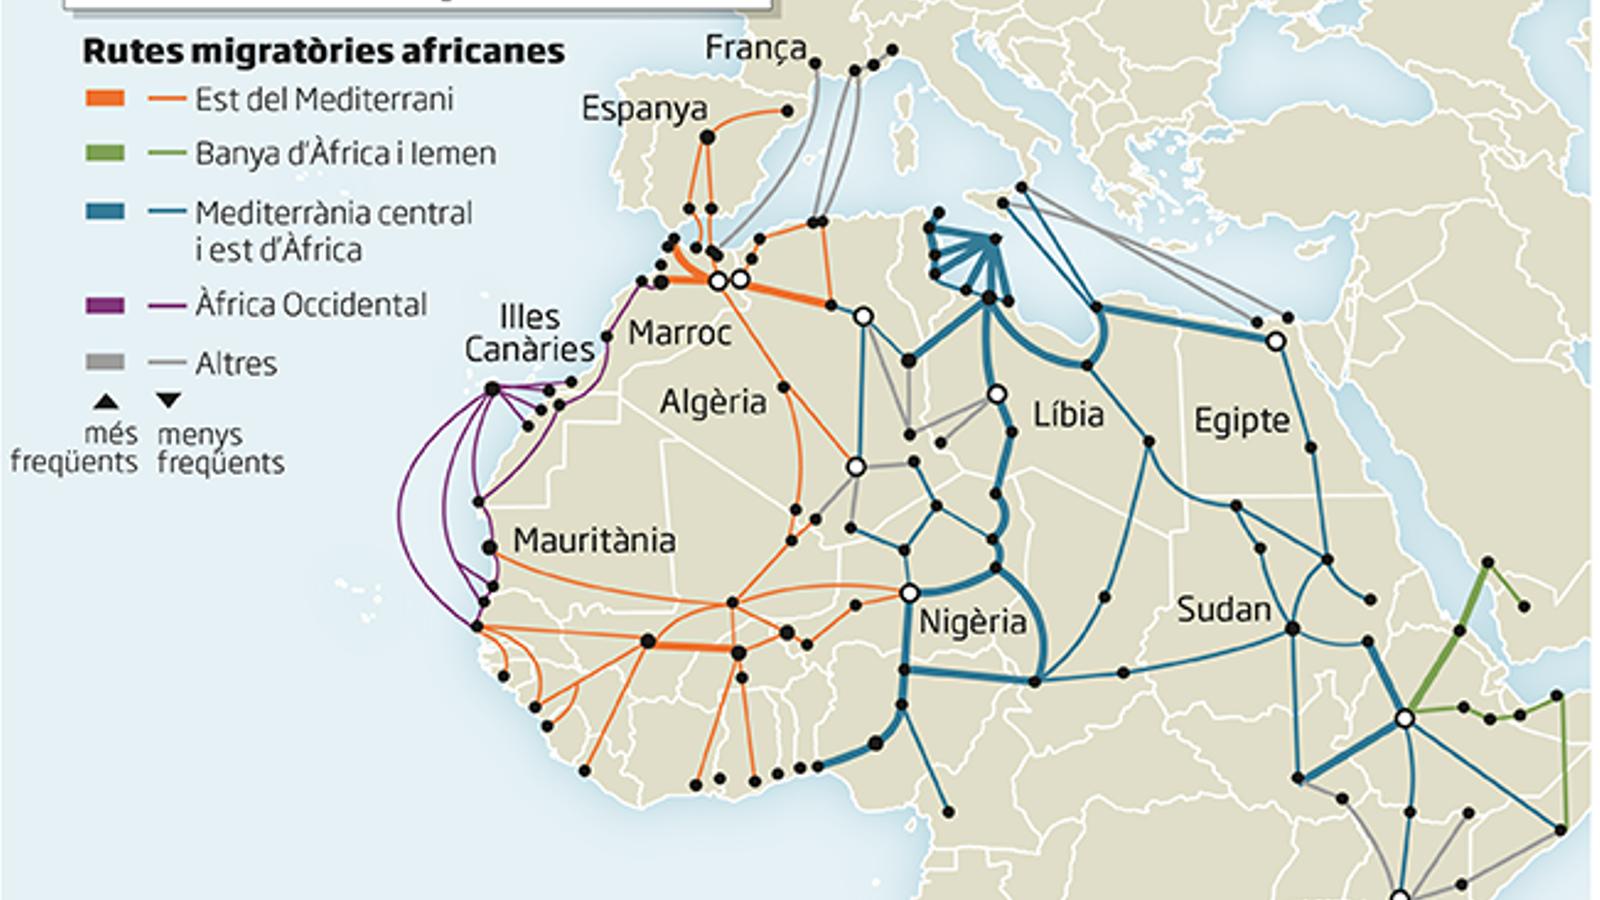 Ruanda acollirà esclaus de Líbia